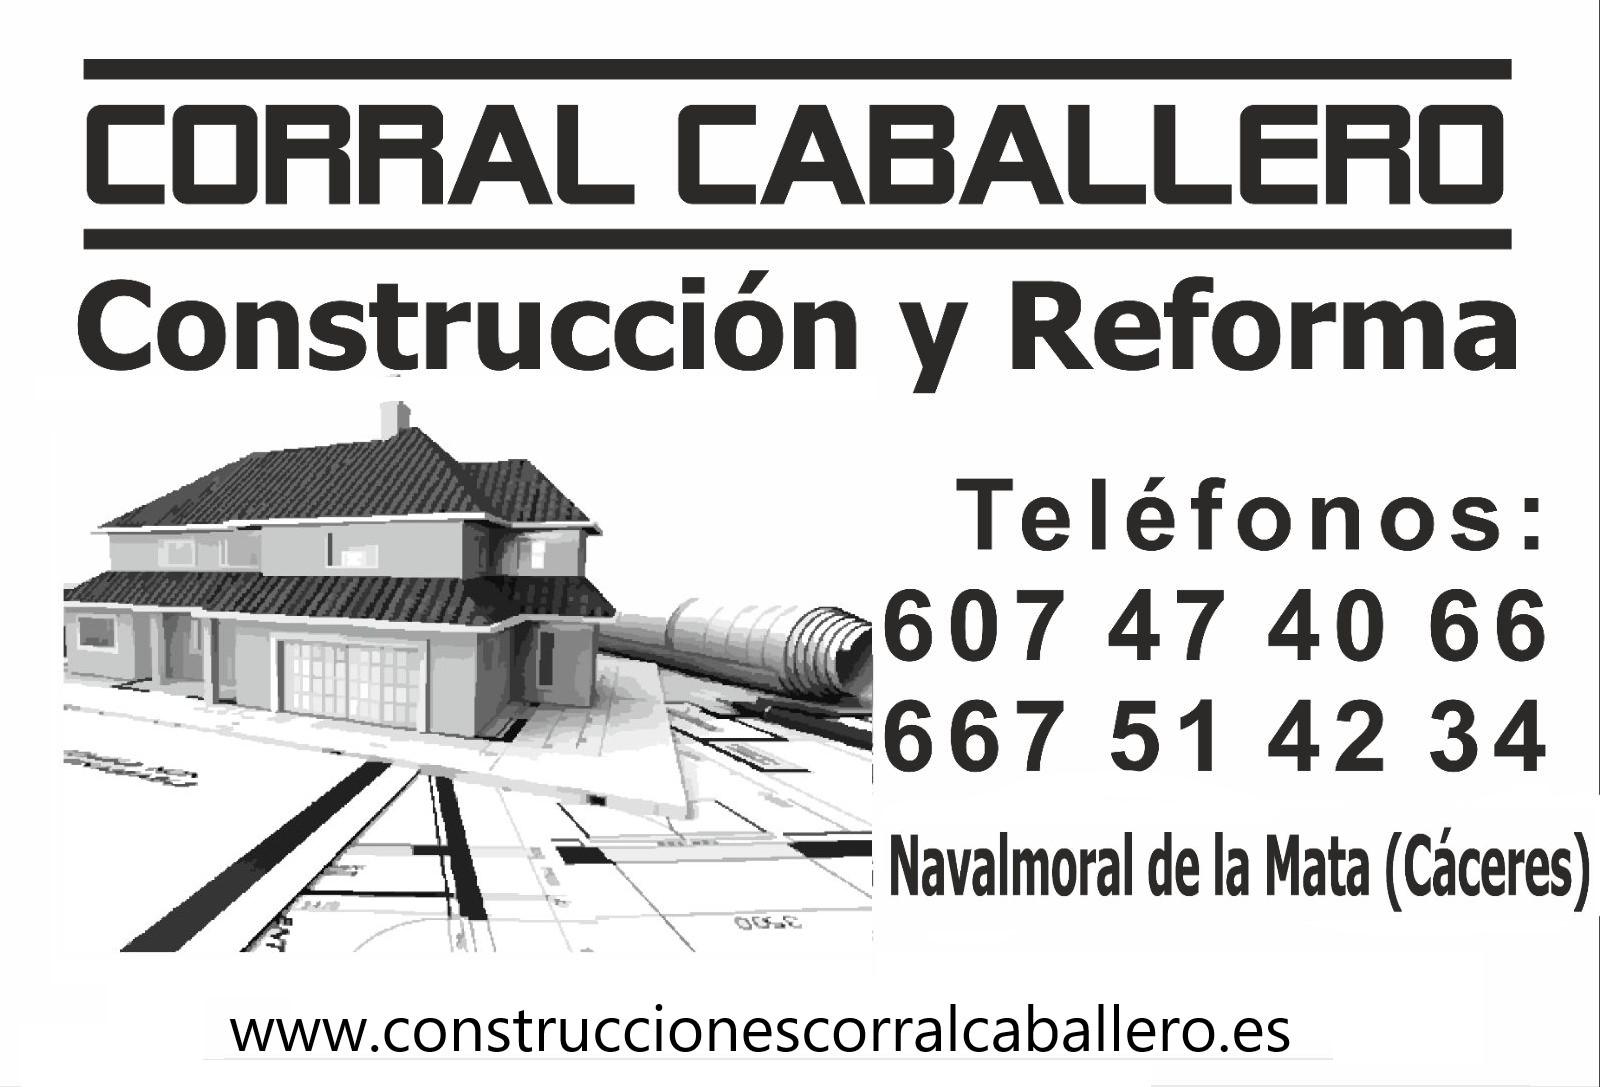 Construcción Y Reformas Corral Caballero